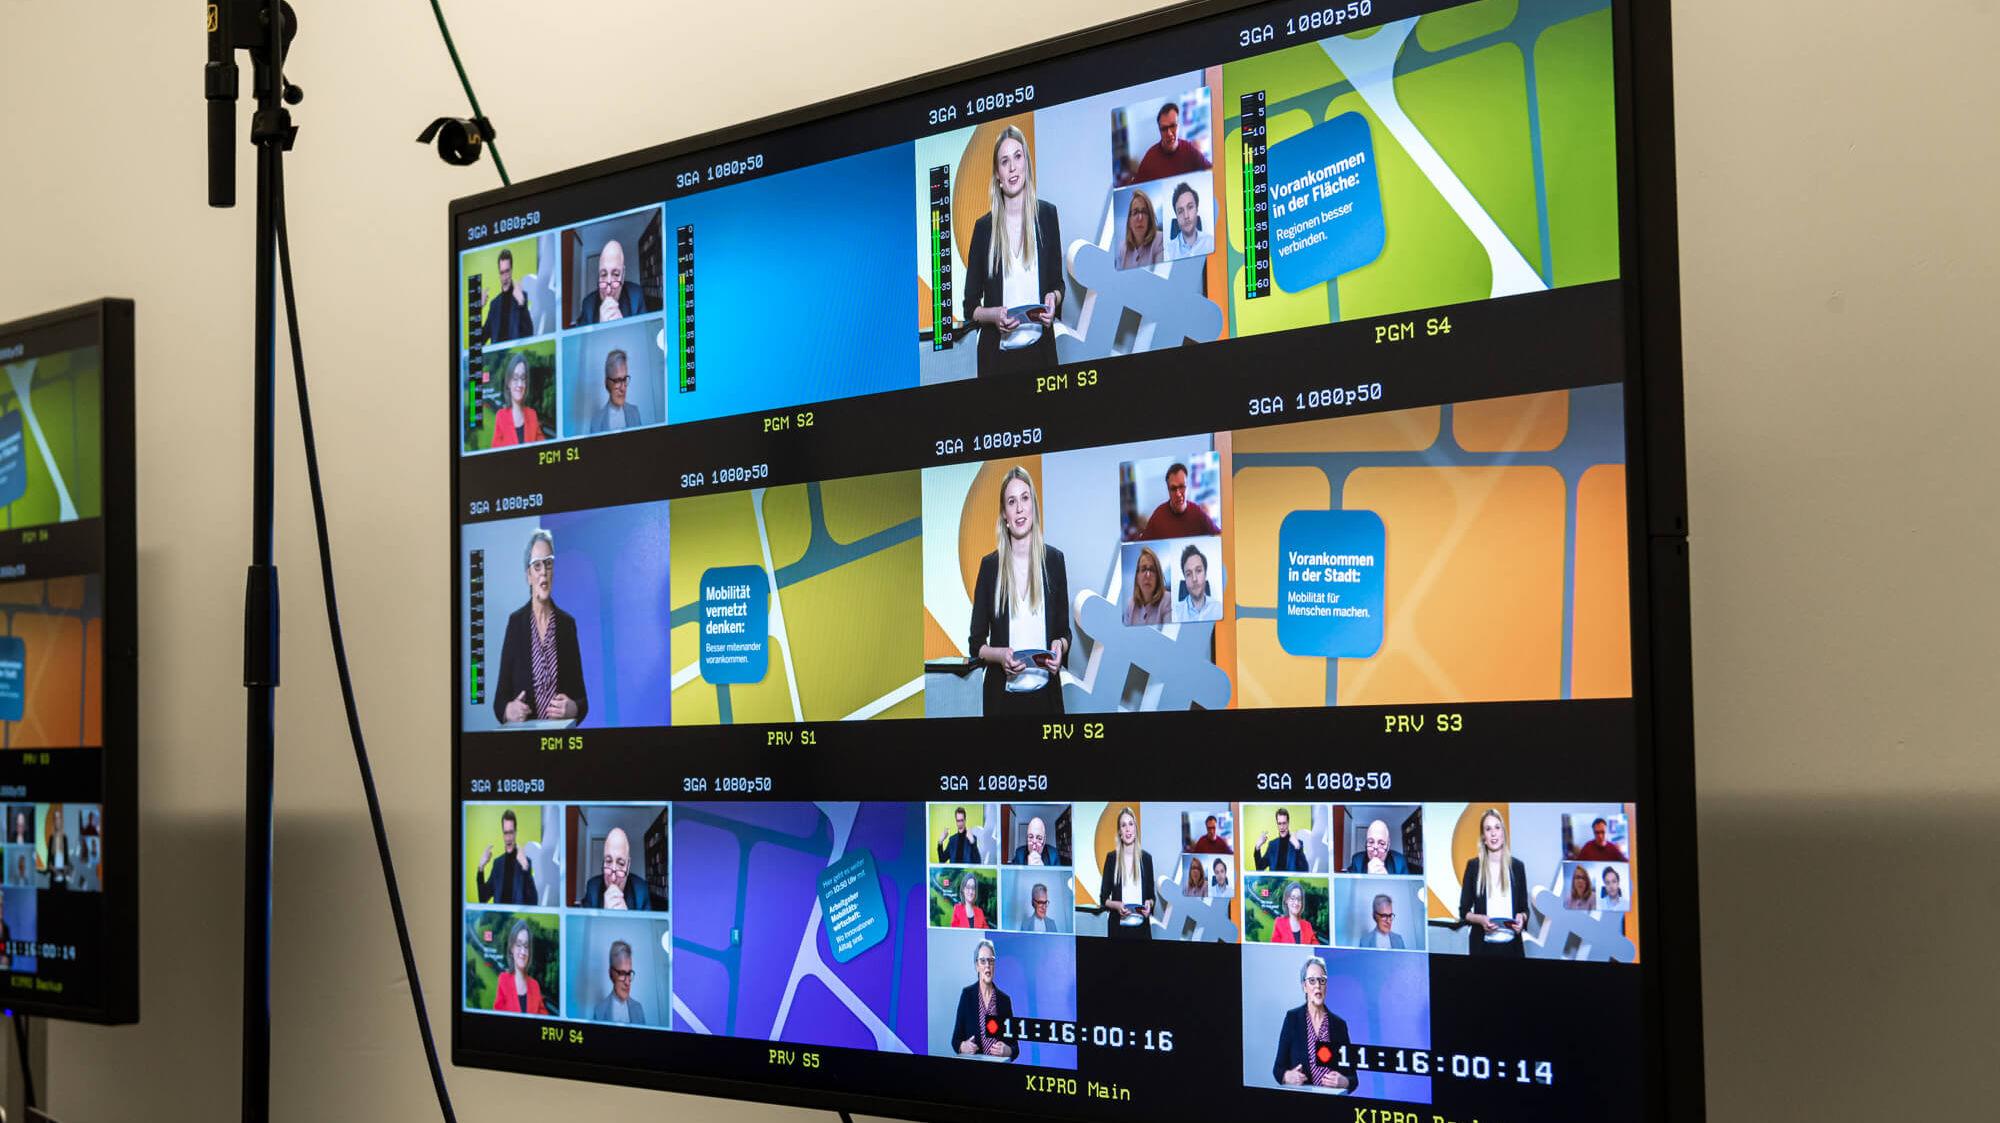 Großer Monitor, auf dem 12 kleinere Übertragungen einer TV-Aufzeichnung zu sehen sind.